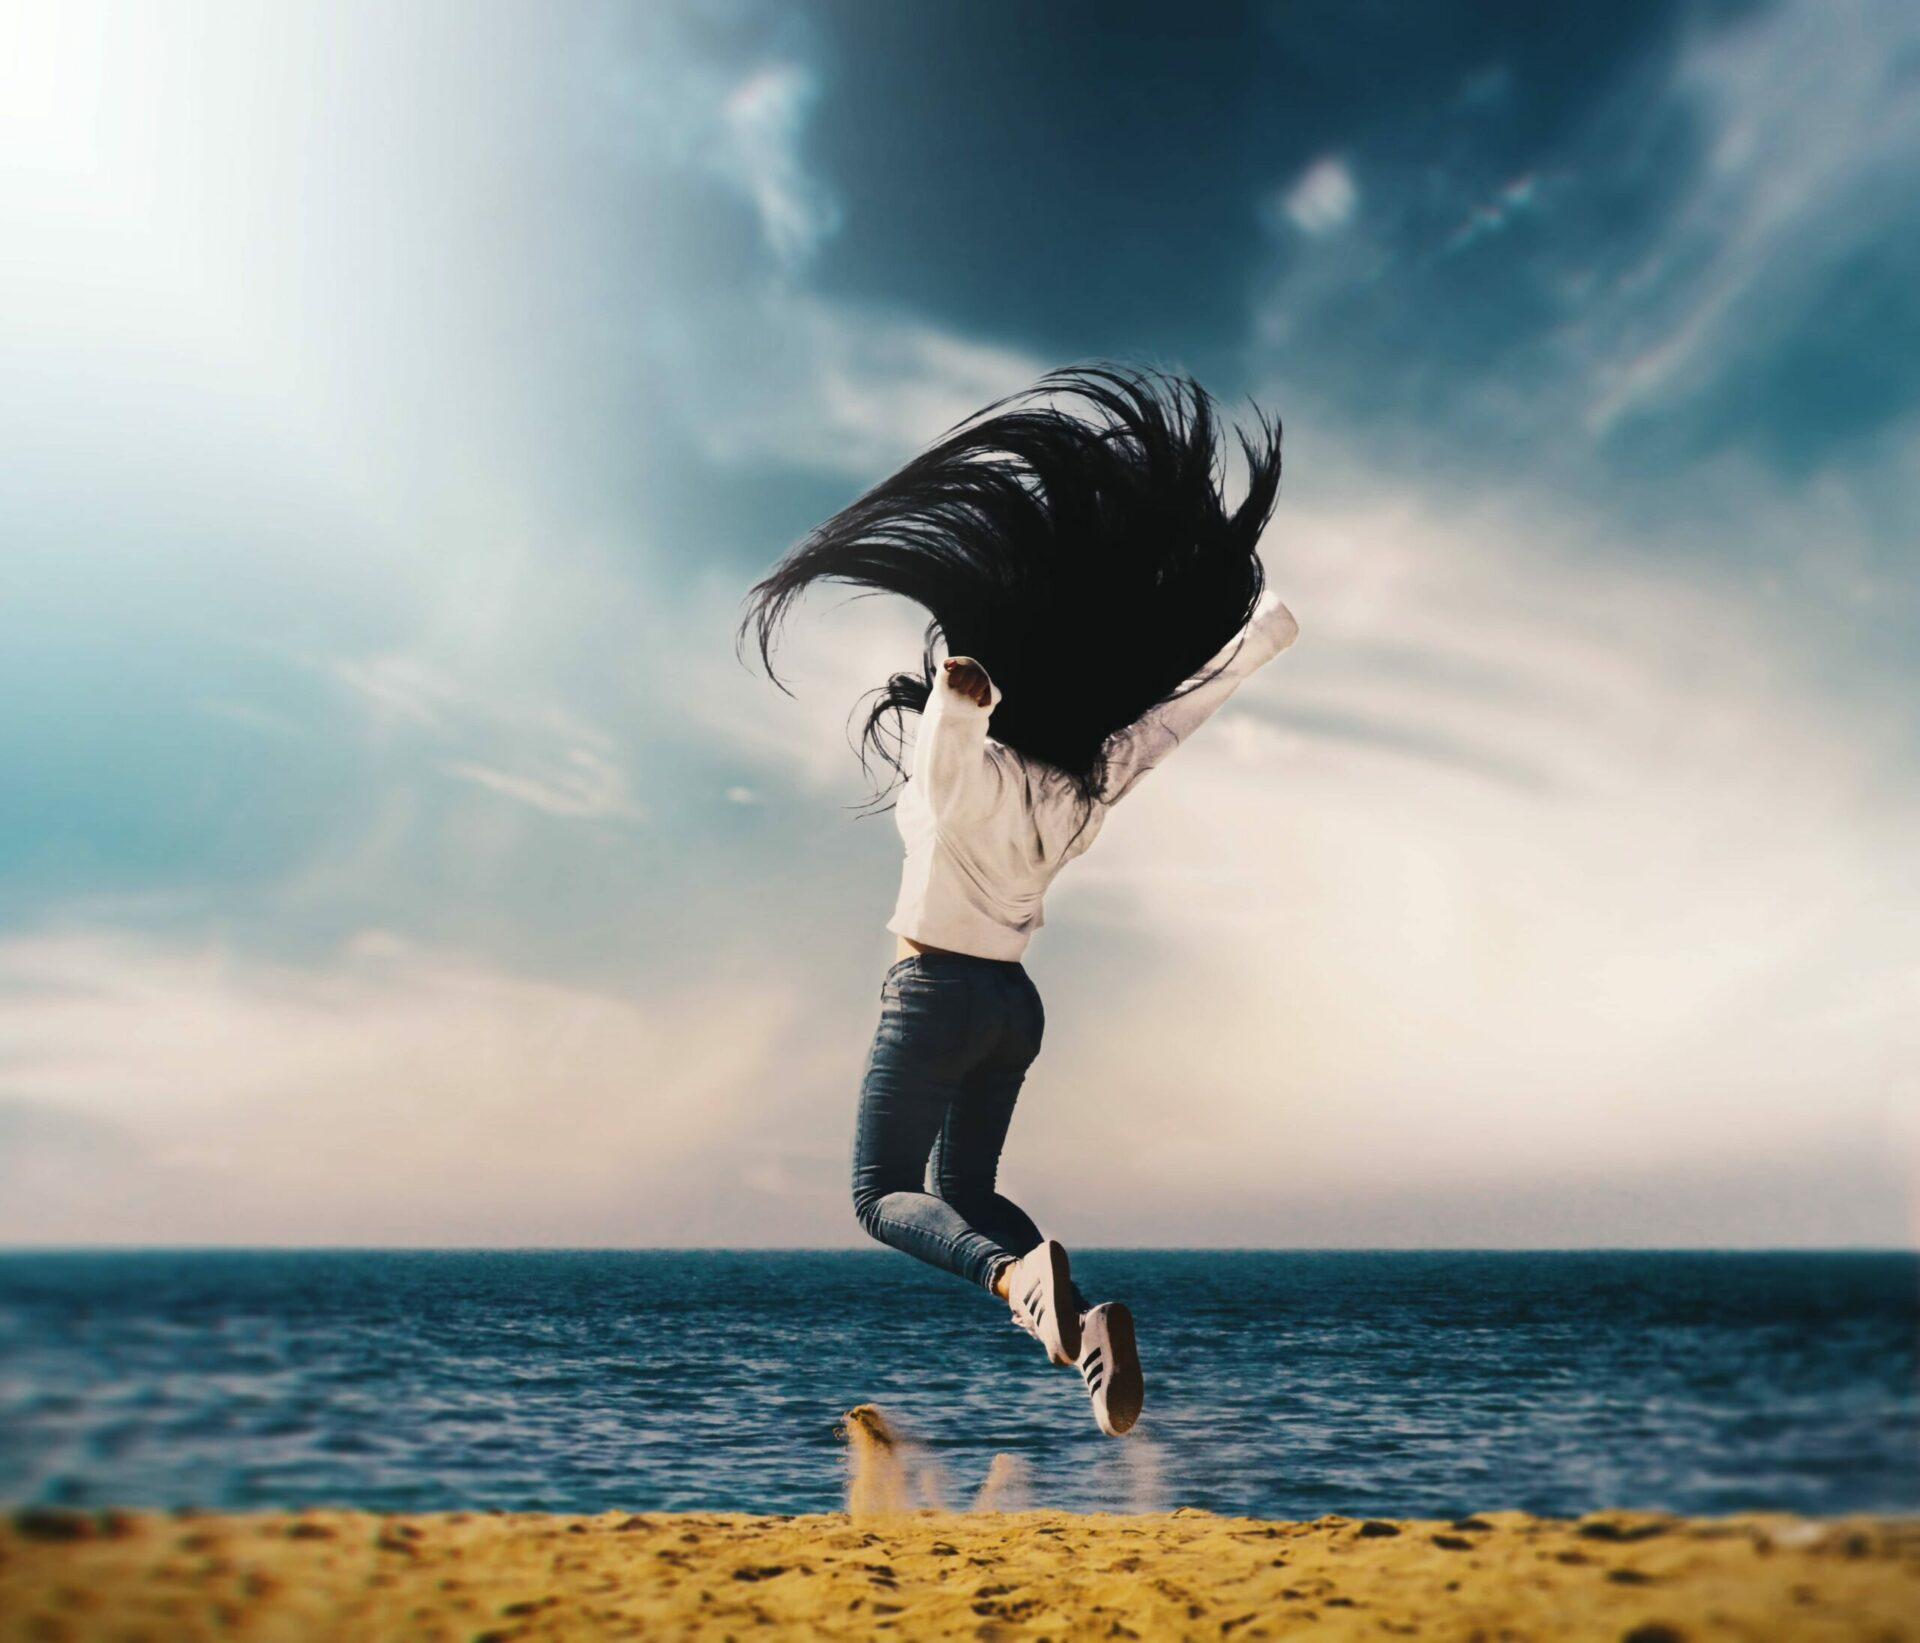 Frau springt auf Wiese mit Meer im Hintergrund